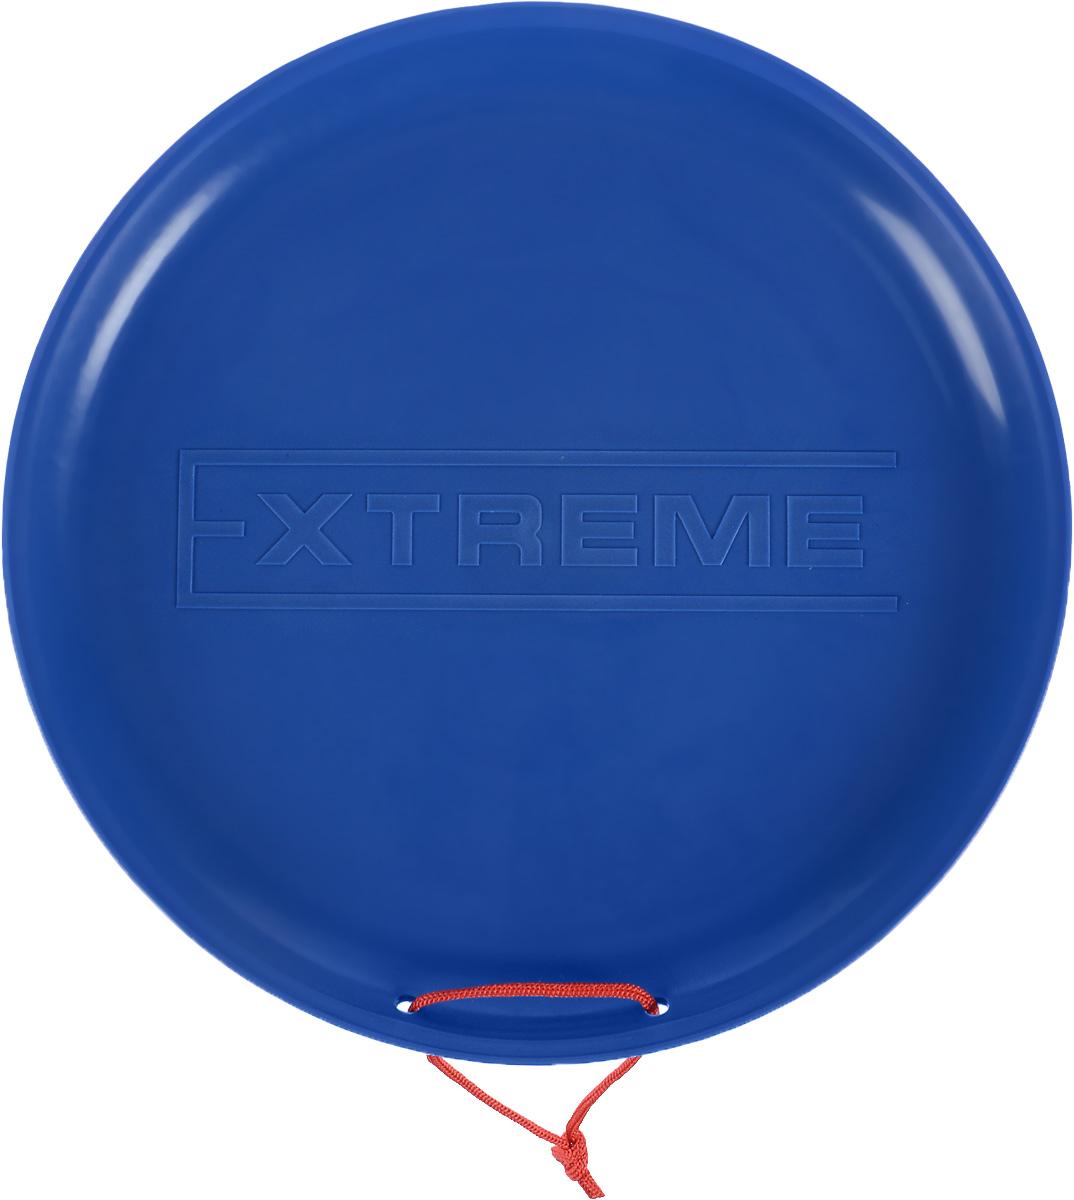 Санки-ледянки Престиж Экстрим, цвет: синий, диаметр 40 см336908Любимая детская зимняя забава - это катание с горки. Яркие санки-ледянки Престиж Экстрим станут незаменимым атрибутом этой веселой детской игры. Санки-ледянки - это специальная пластиковая тарелка, облегчающая скольжение и увеличивающая скорость движения по горке. Ледянка выполнена из прочного гибкого пластика и снабжена текстильной ручкой для транспортировки. Конфигурация санок позволяет удобно сидеть и развивать лучшую скорость. Благодаря малому весу ледянку, в отличие от обычных санок, легко нести с собой даже ребенку.Зимние игры на свежем воздухе. Статья OZON Гид